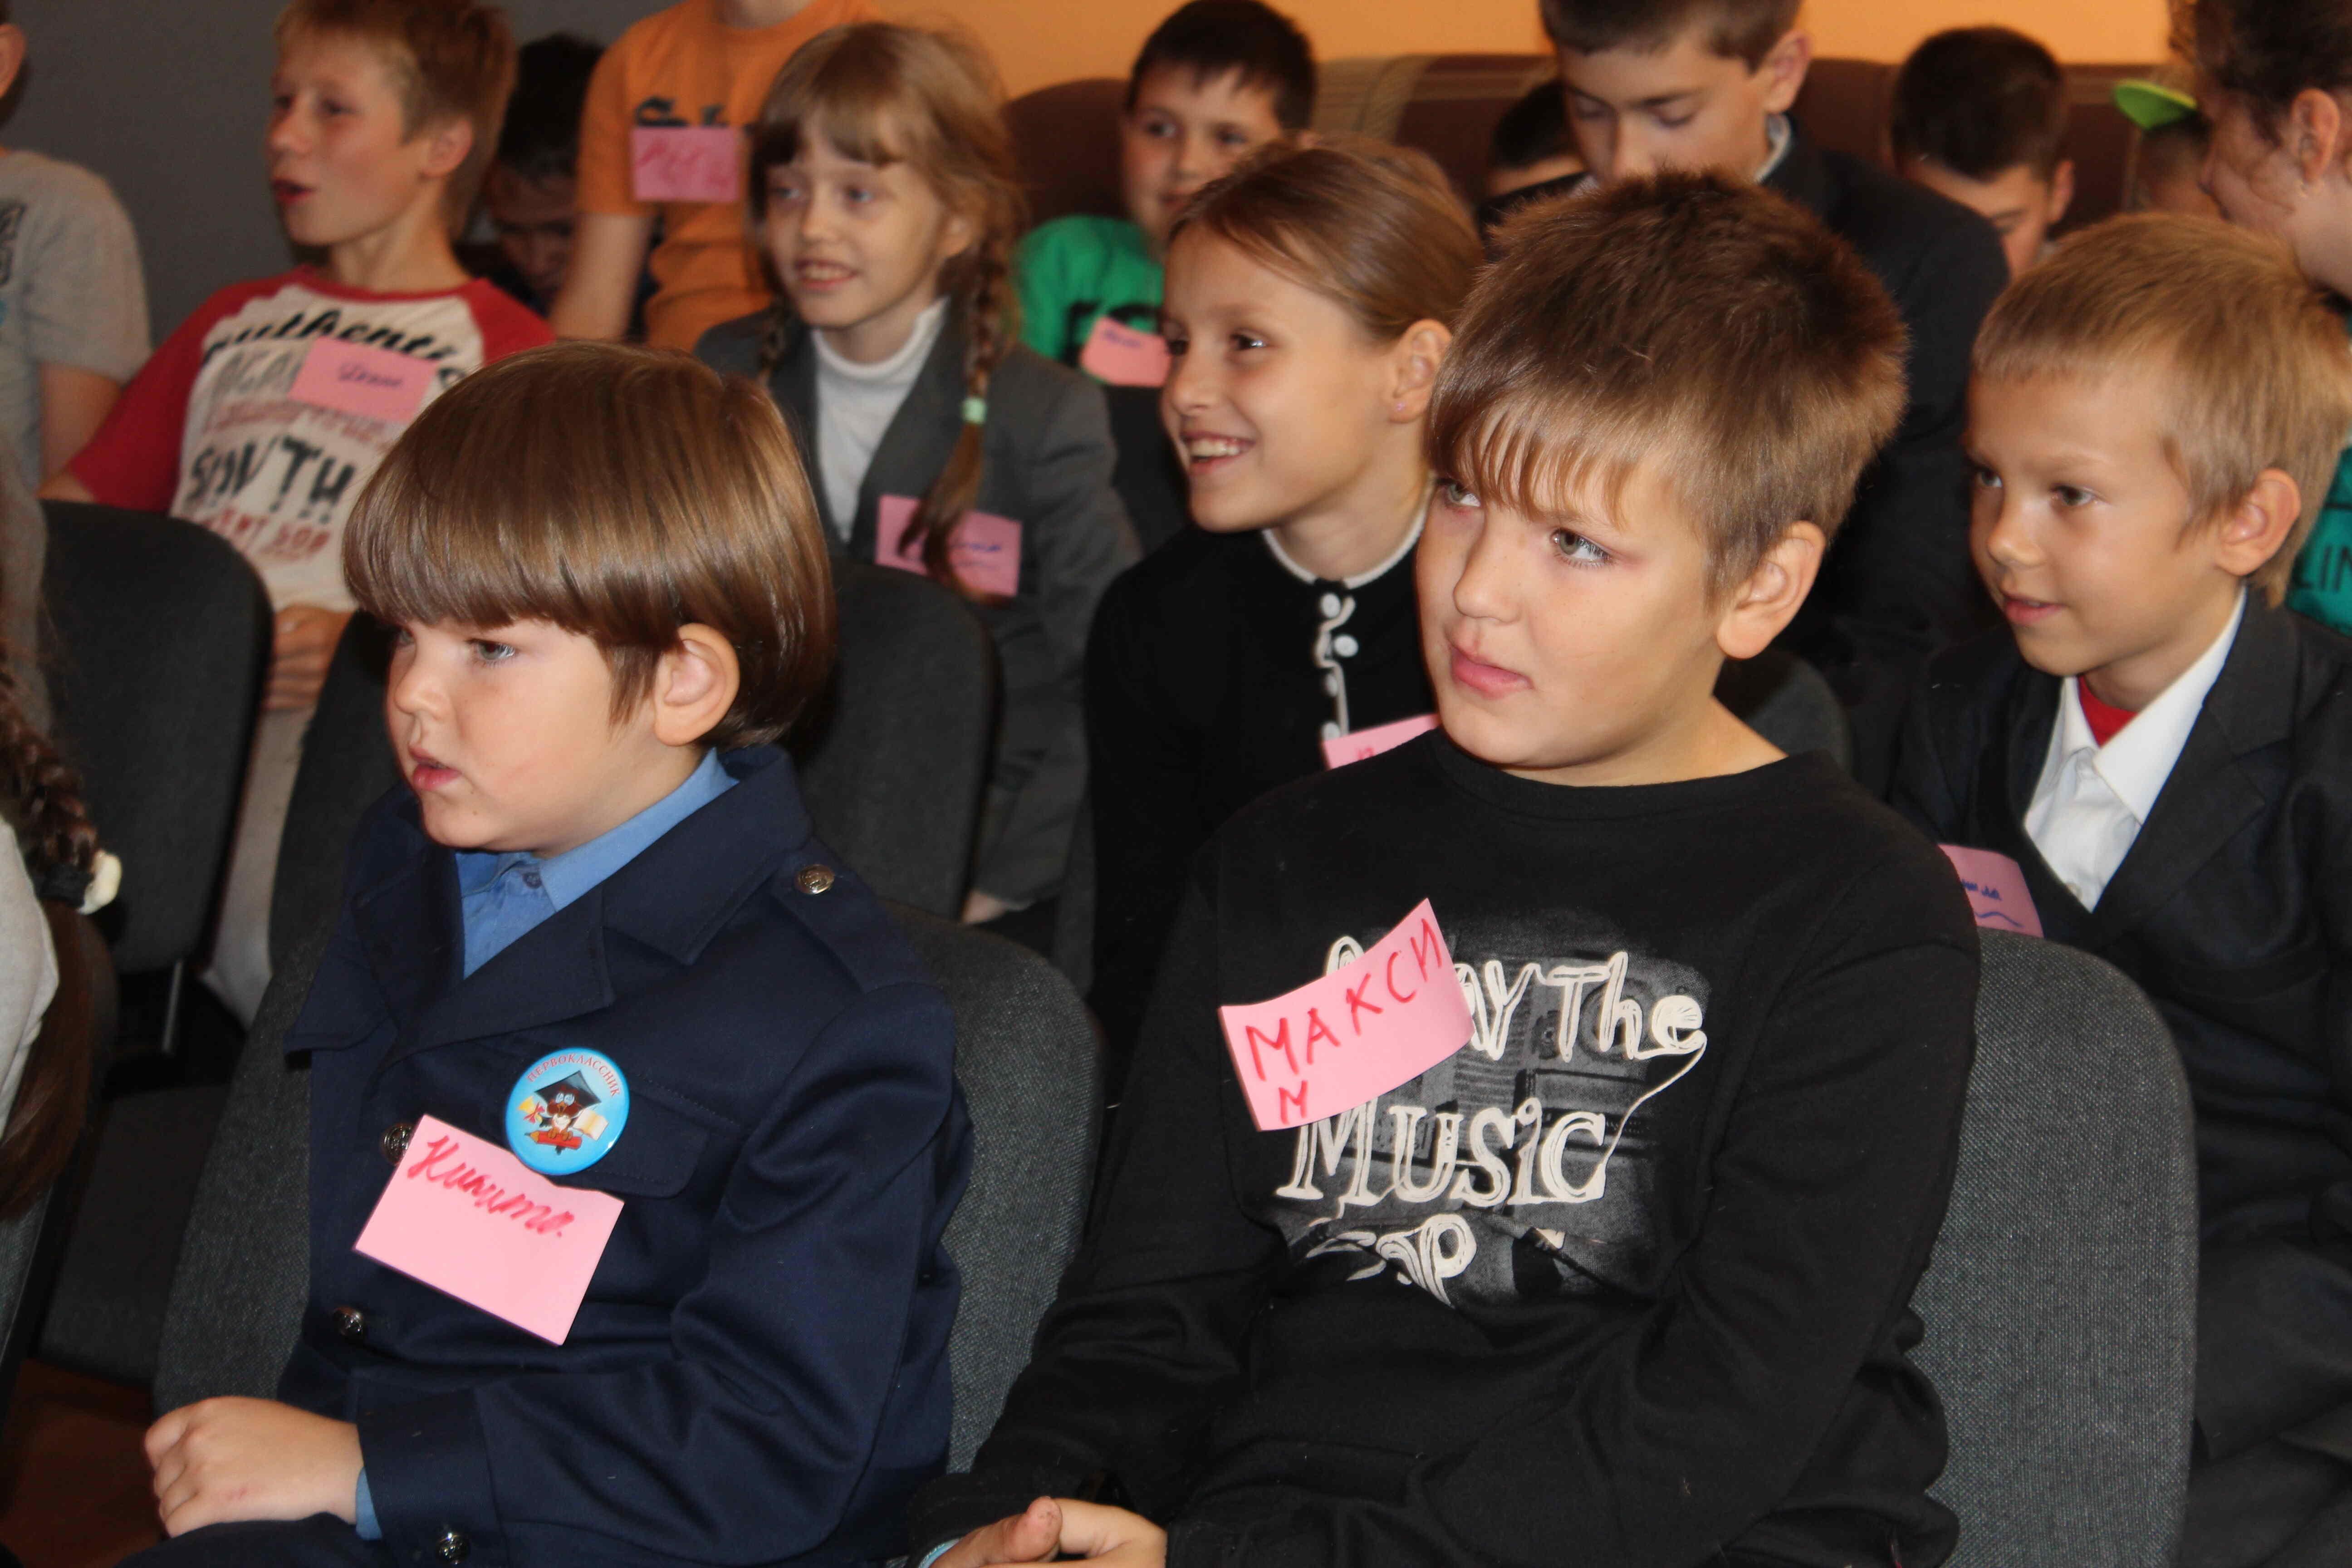 «Двигаться — значит жить» — под таким лозунгом проходят мероприятия для детей в общественной организации «Радимичи — детям Чернобыля»